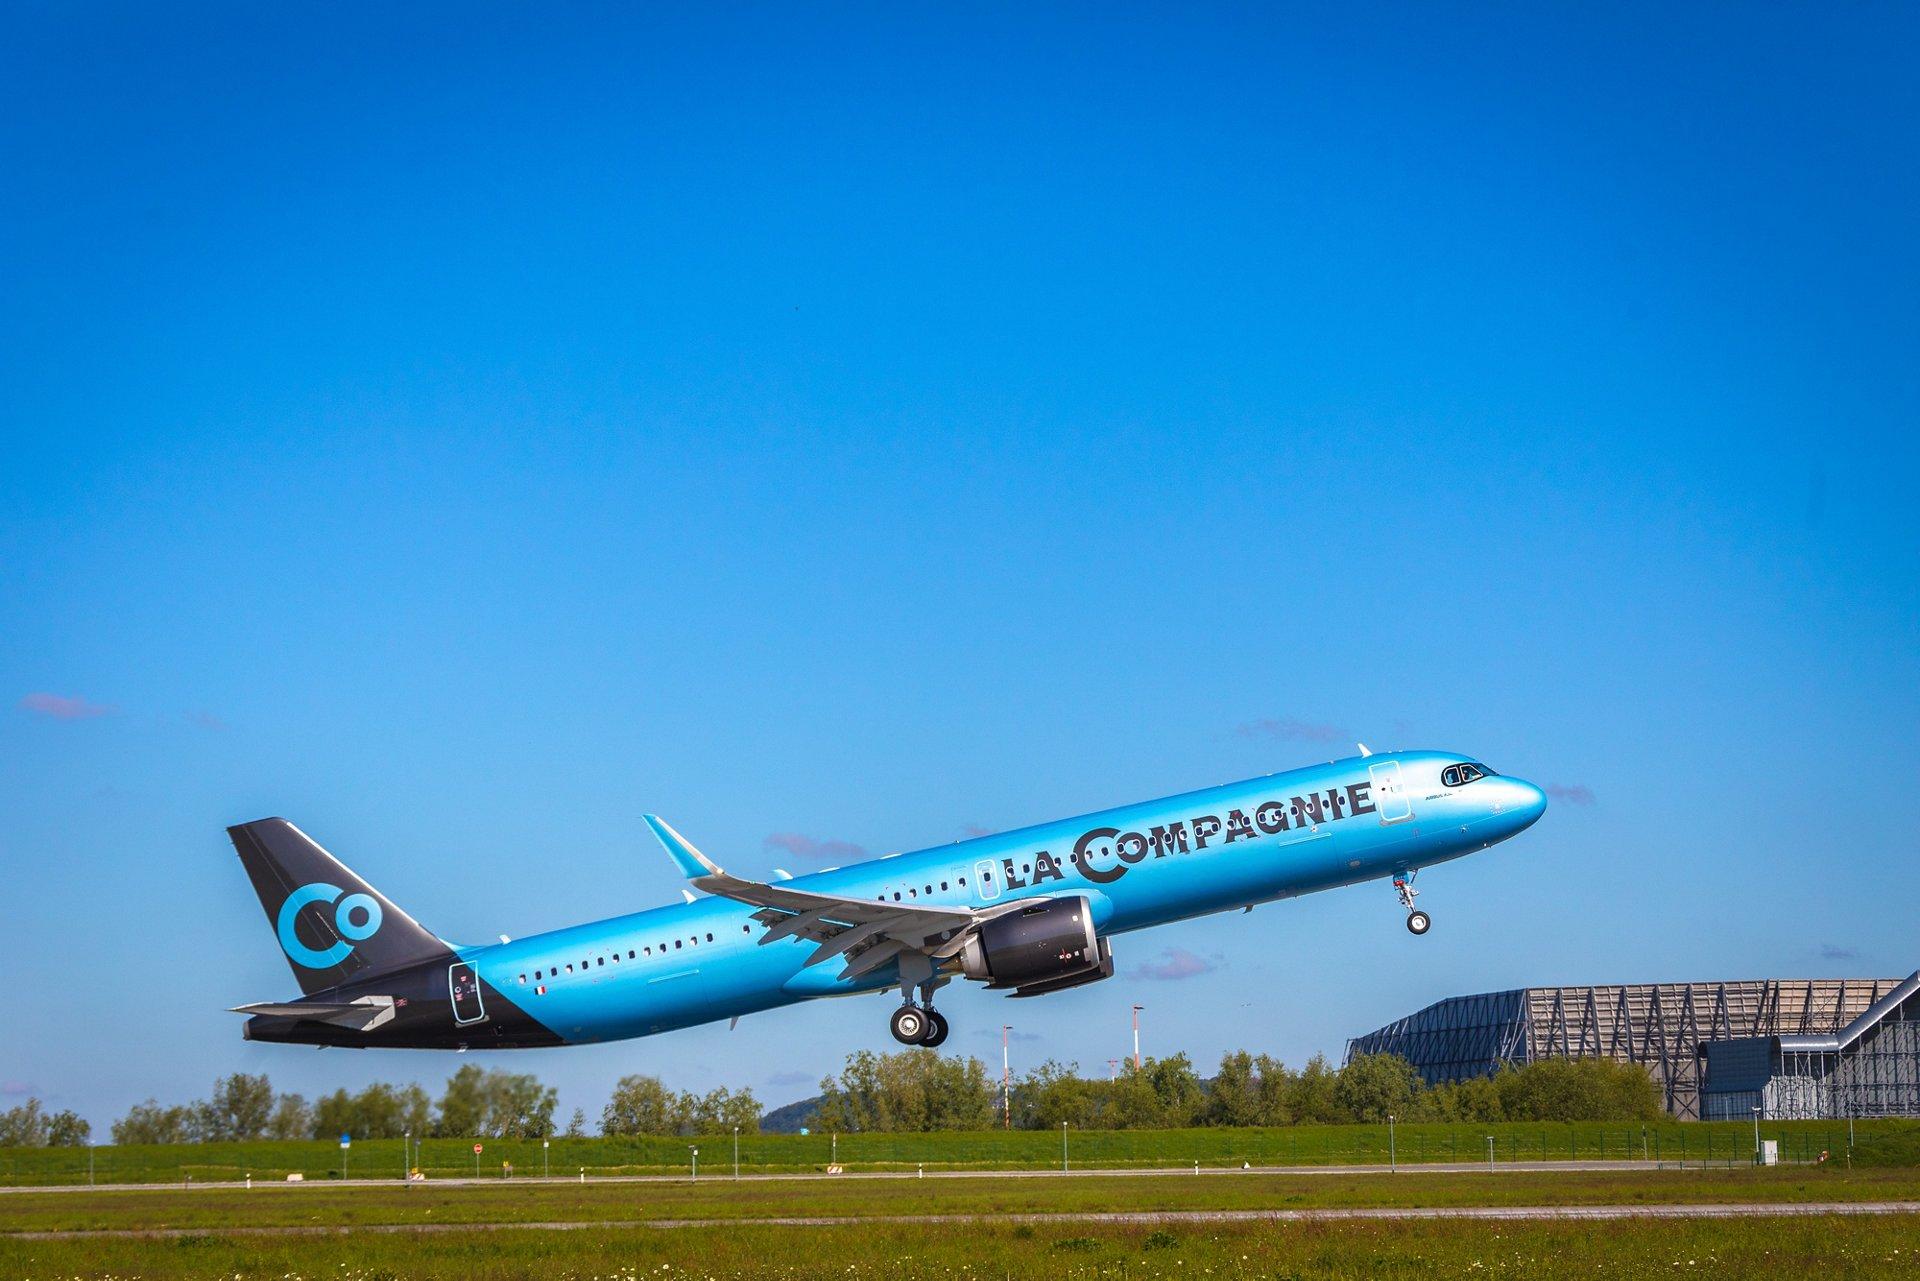 Wow: La Compagnie Launches A321neo New York – Tel Aviv Route